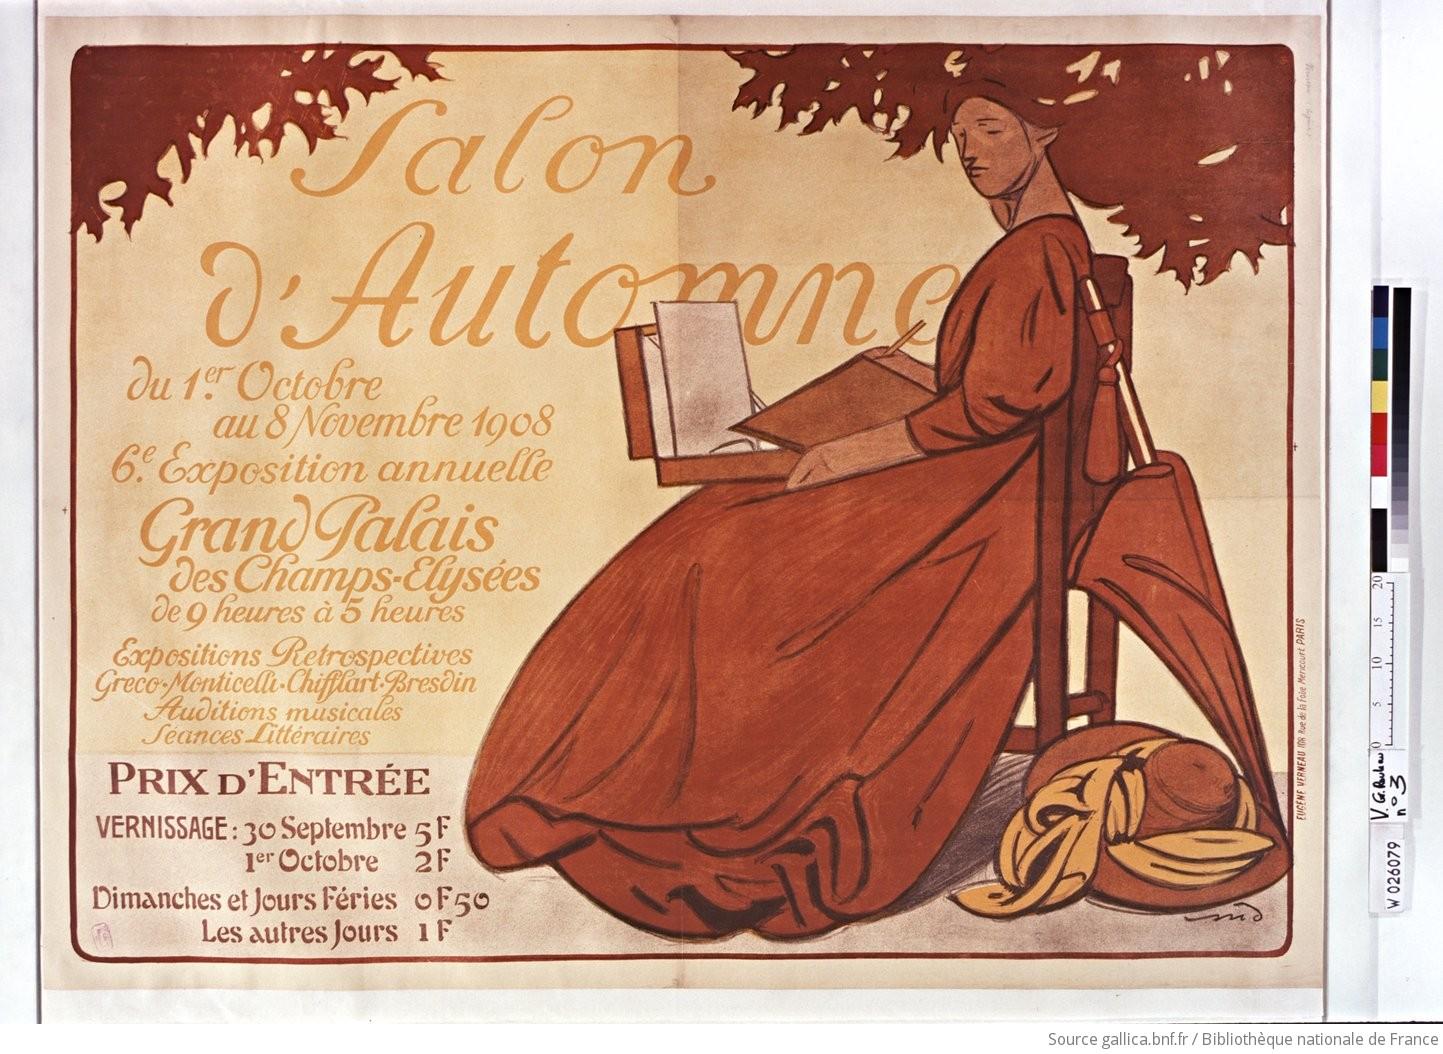 Salon d 39 automne du 1er octobre au 8 novembre 1908 6 me for Salon de coiffure afro champs elysees